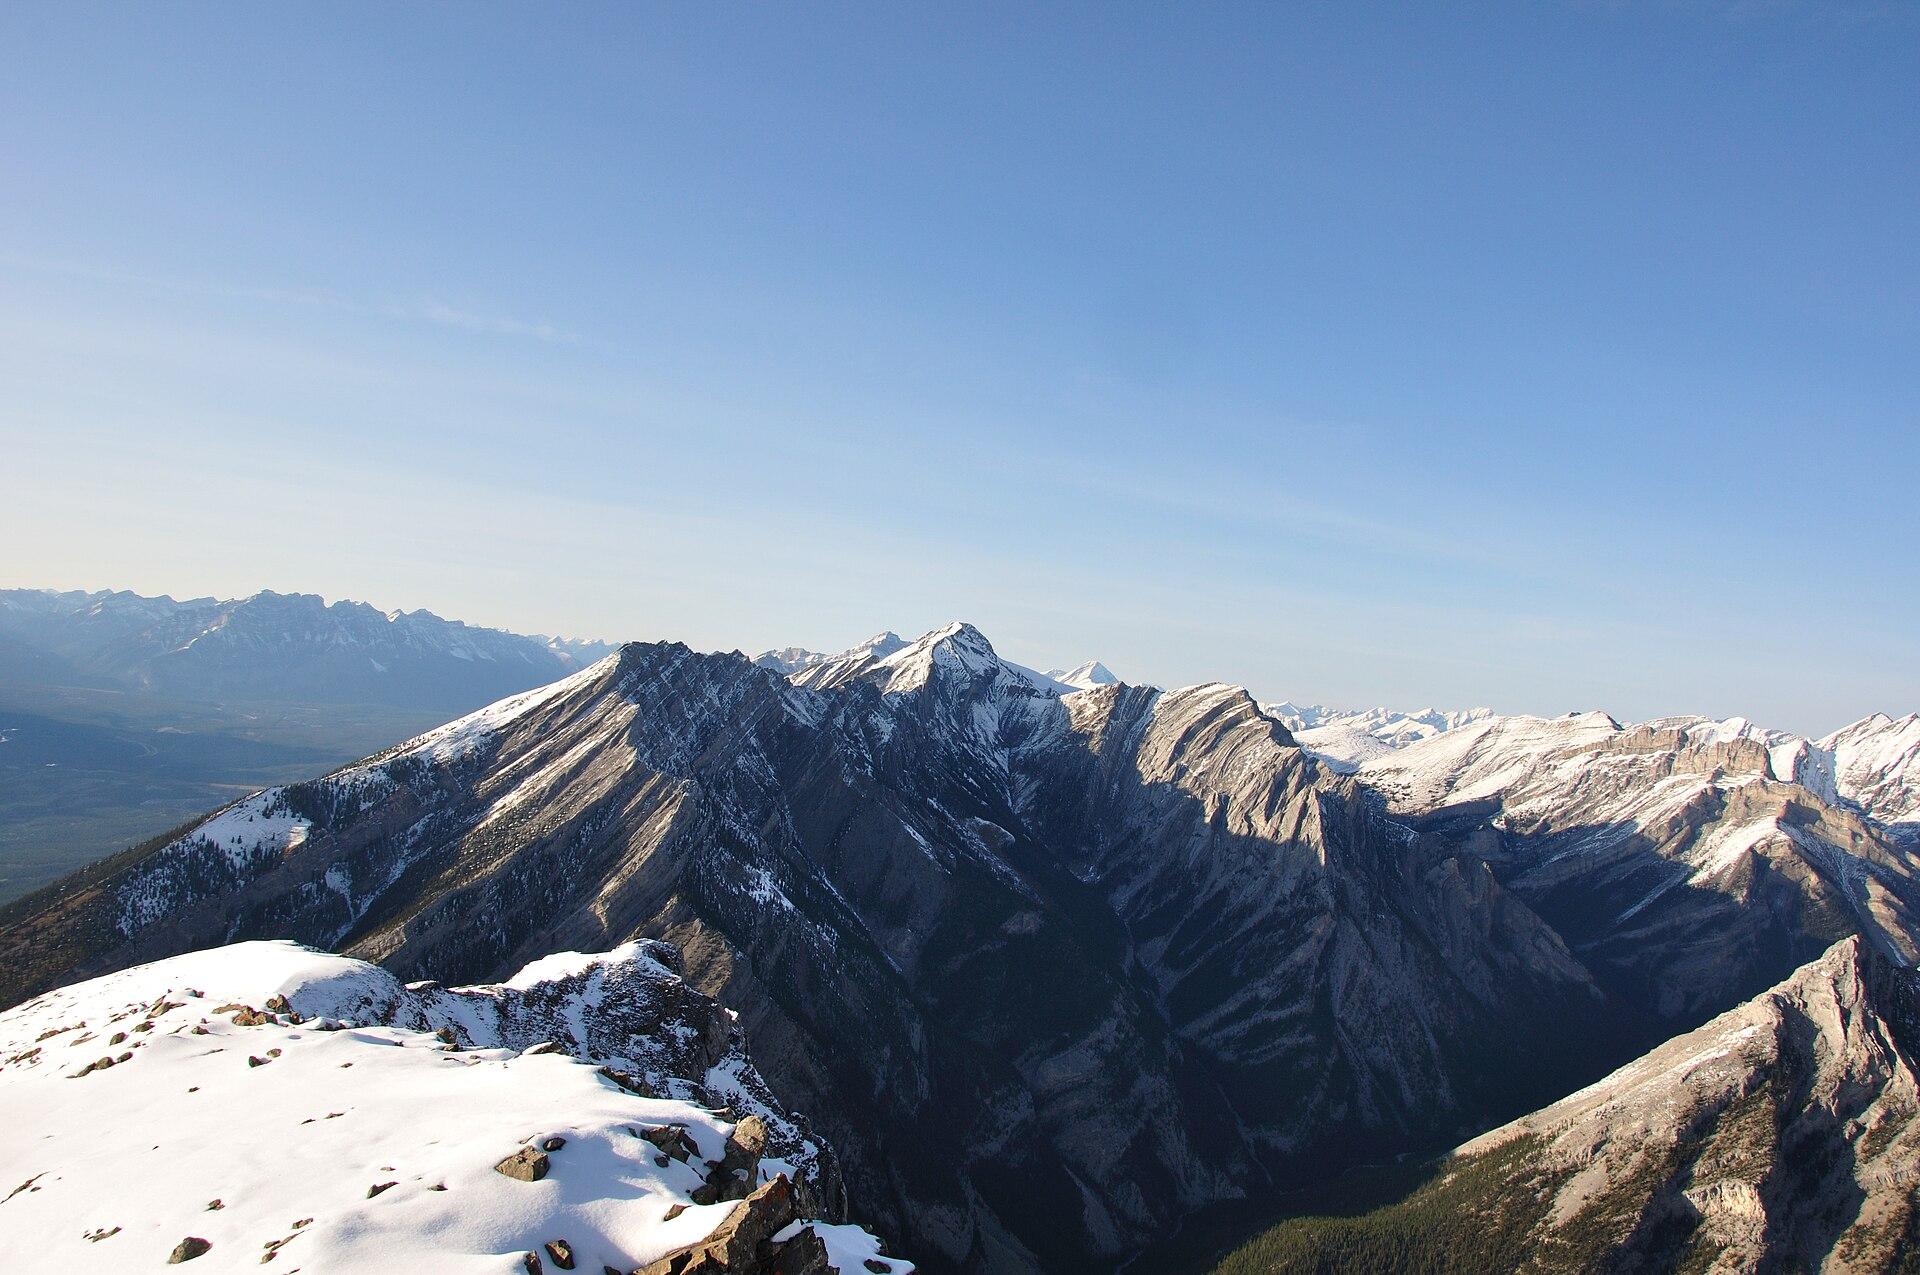 Mount Lady Macdonald - Wikipedia